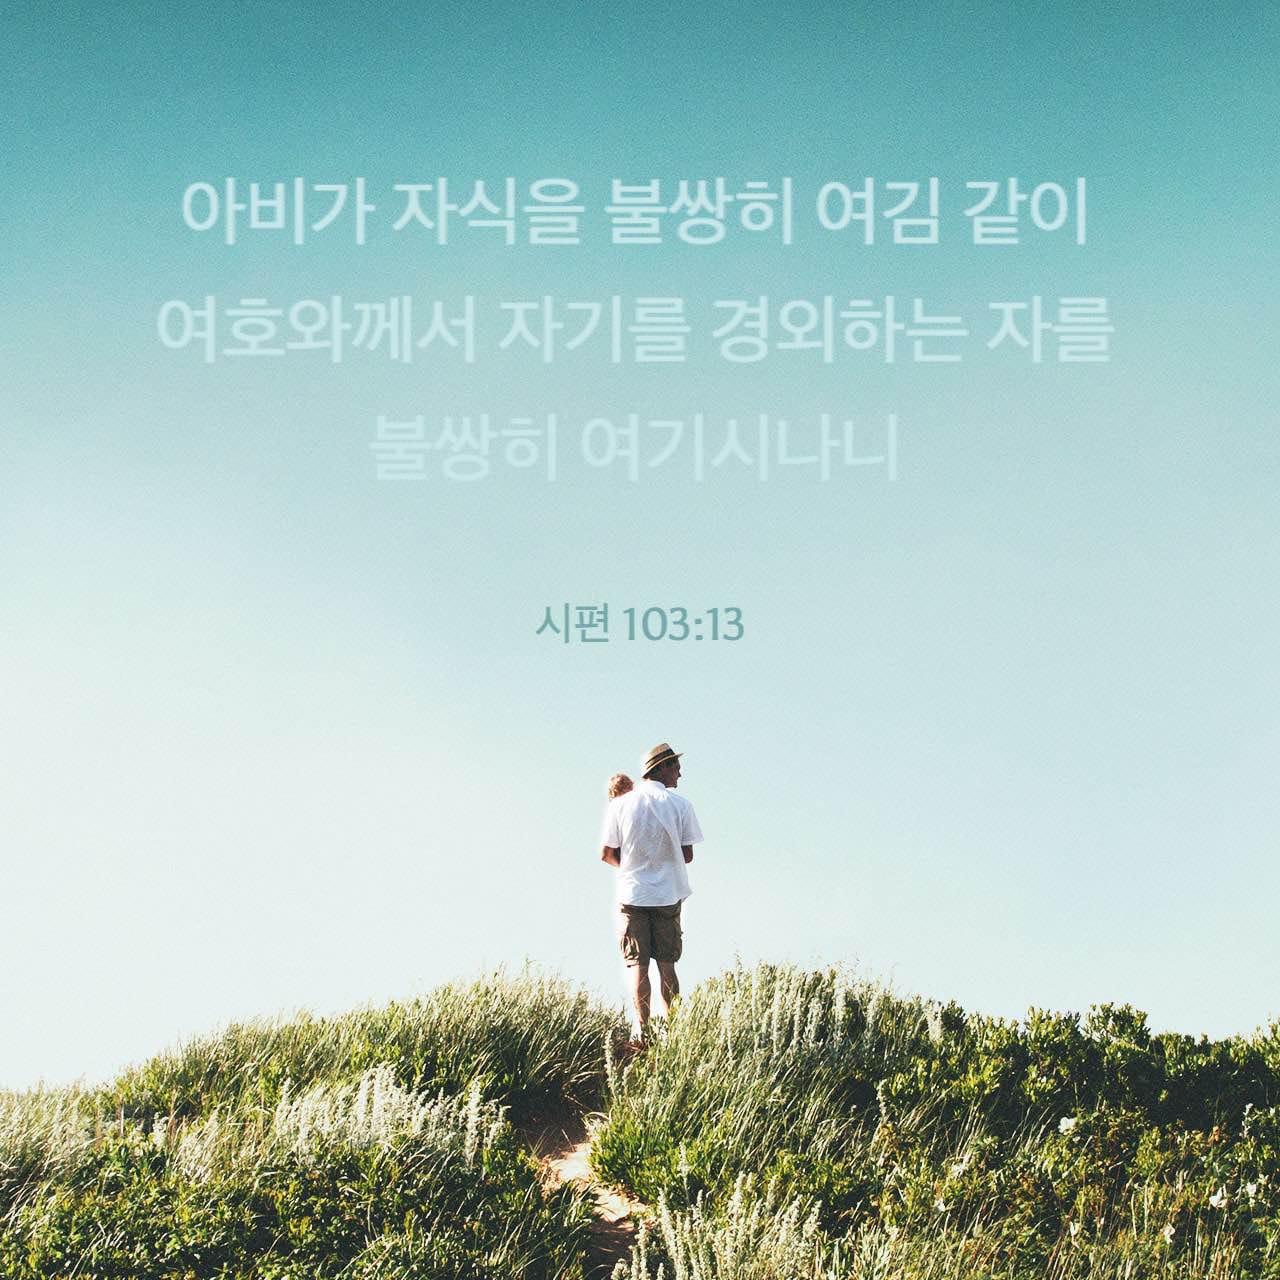 시편 103:13 이미지